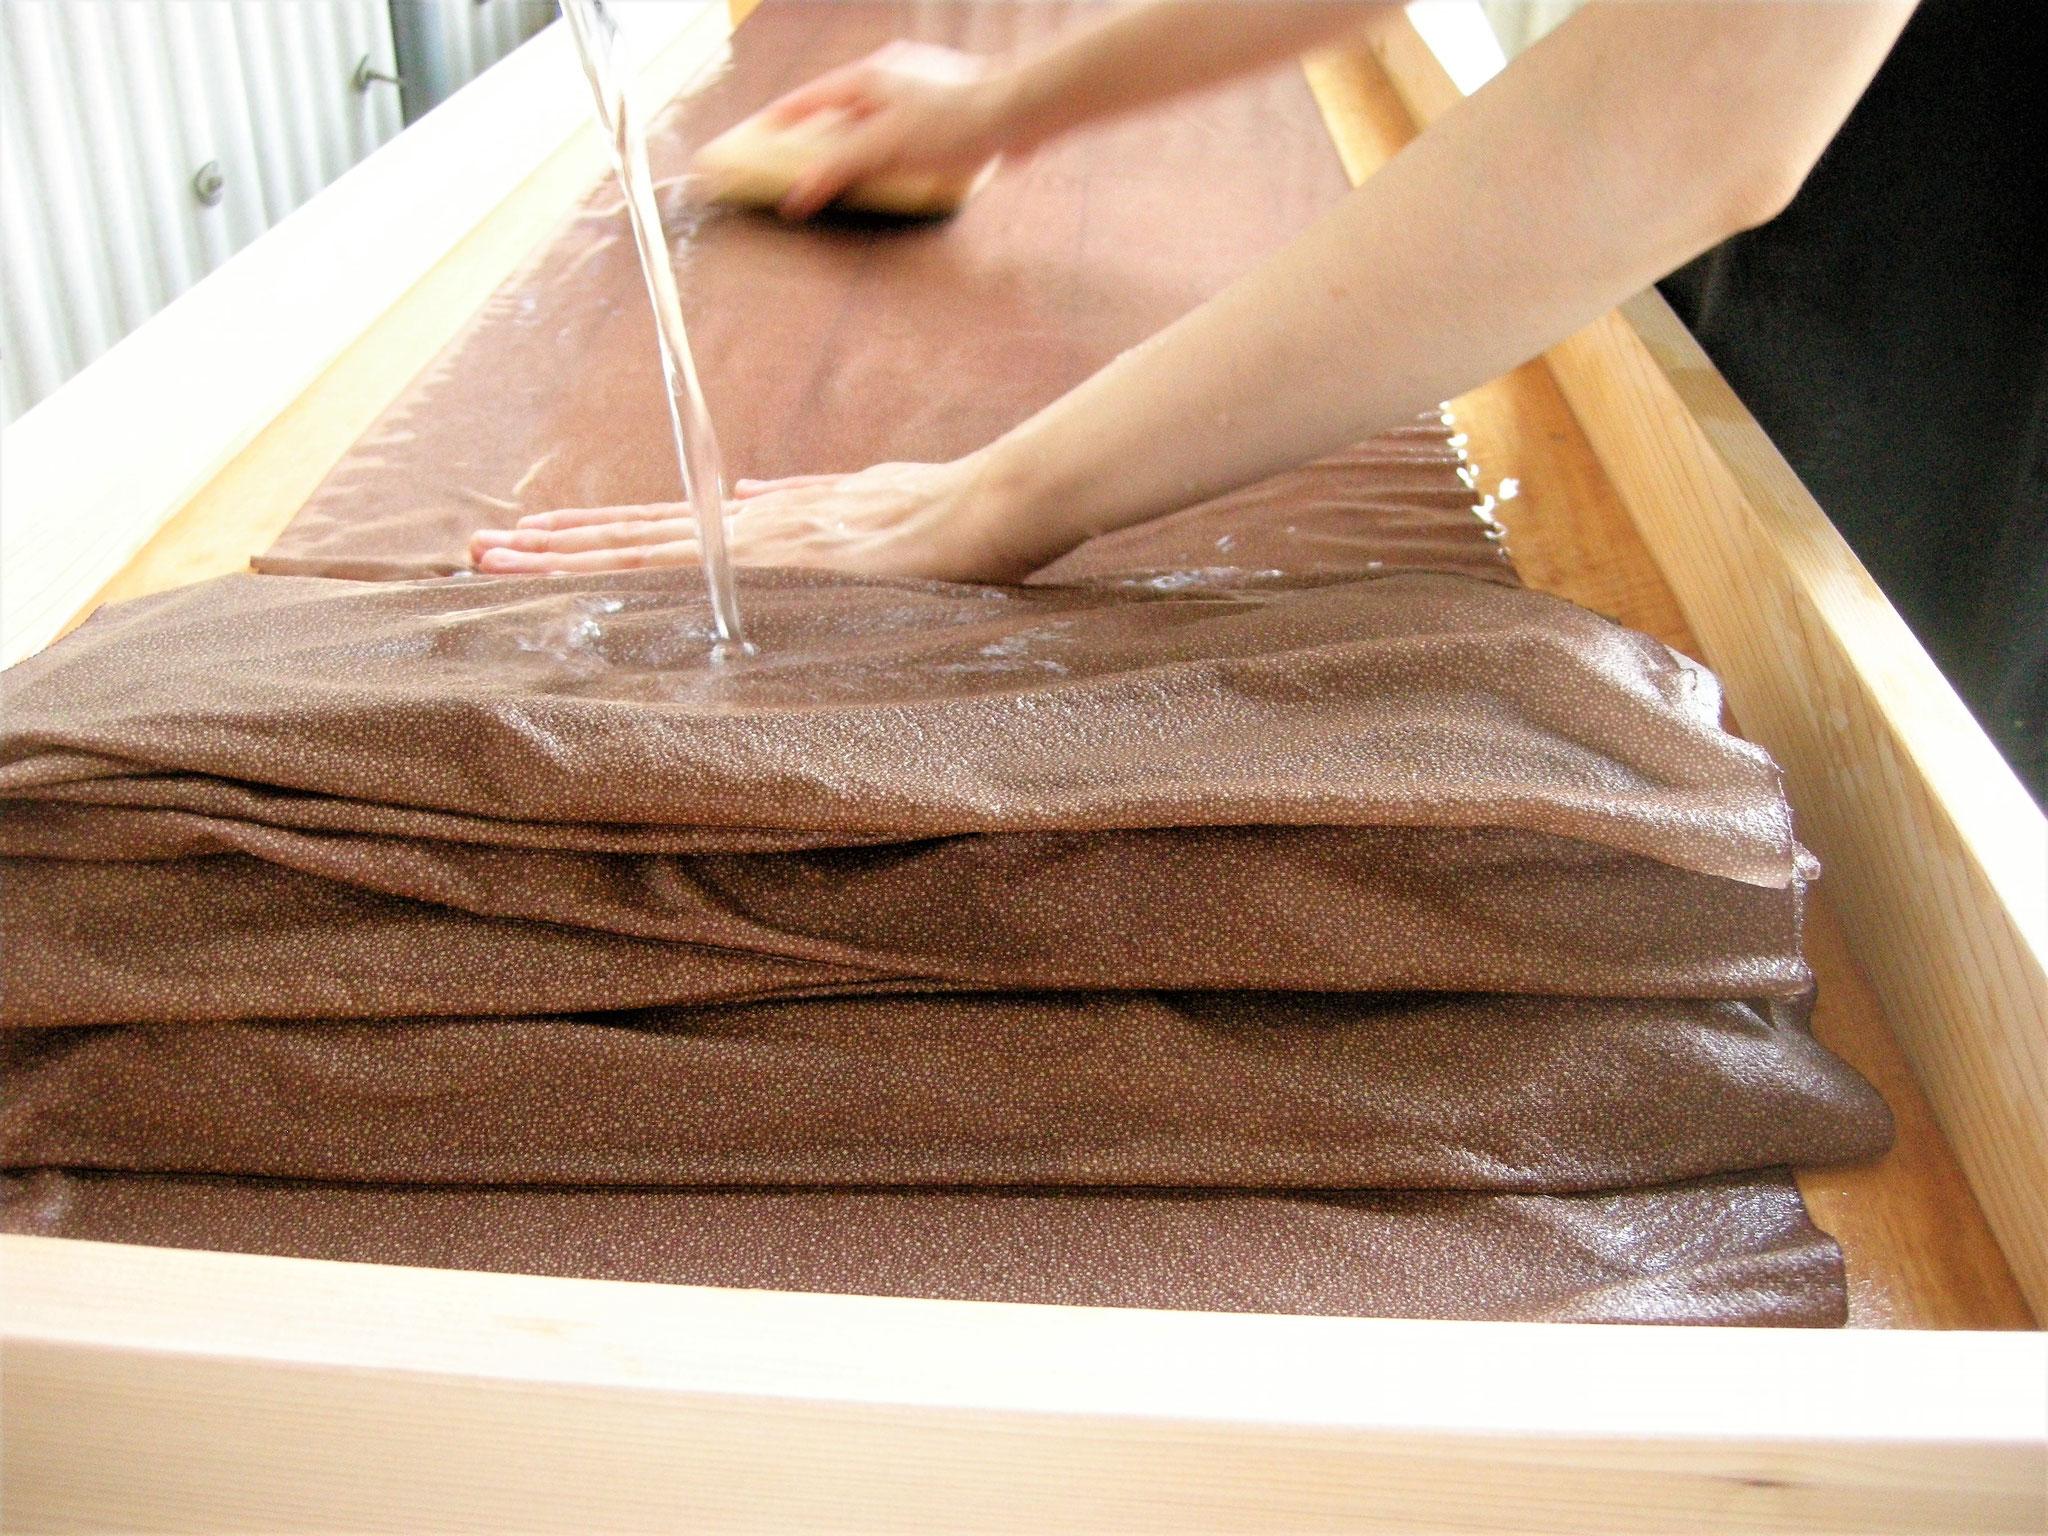 ⦅工程5 水洗い⦆糊と余分な染料を水で洗い流し、乾燥させる。